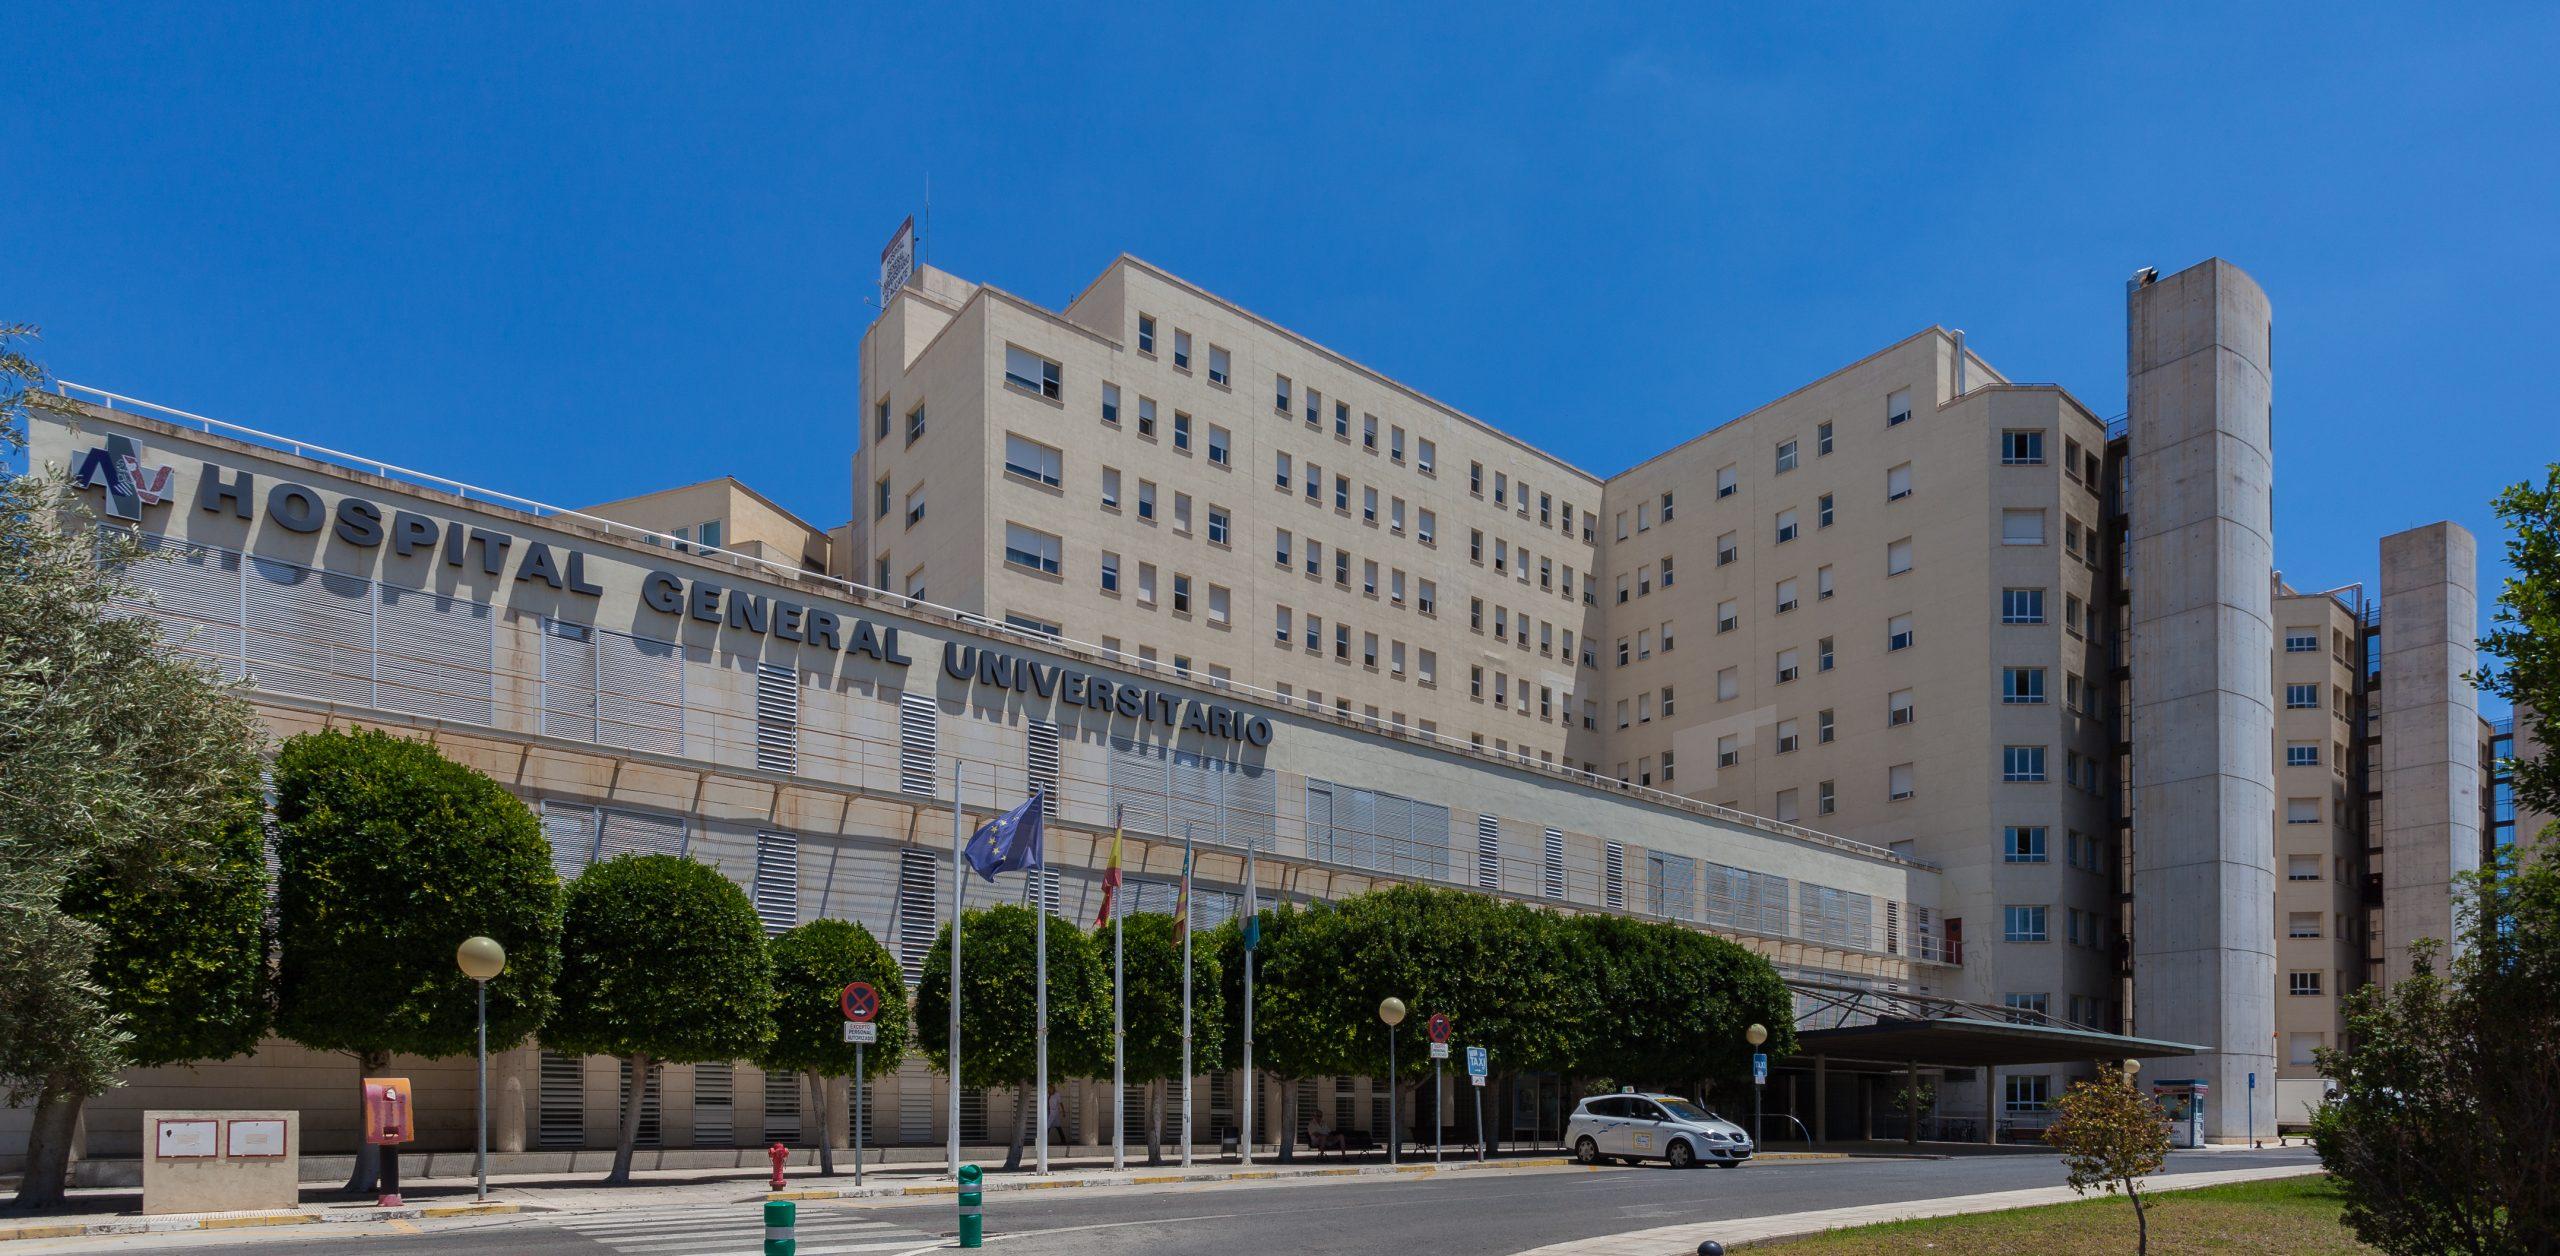 Hospital_General_Universitario_Alicante_España_2014-07-04_DD_23-scaled